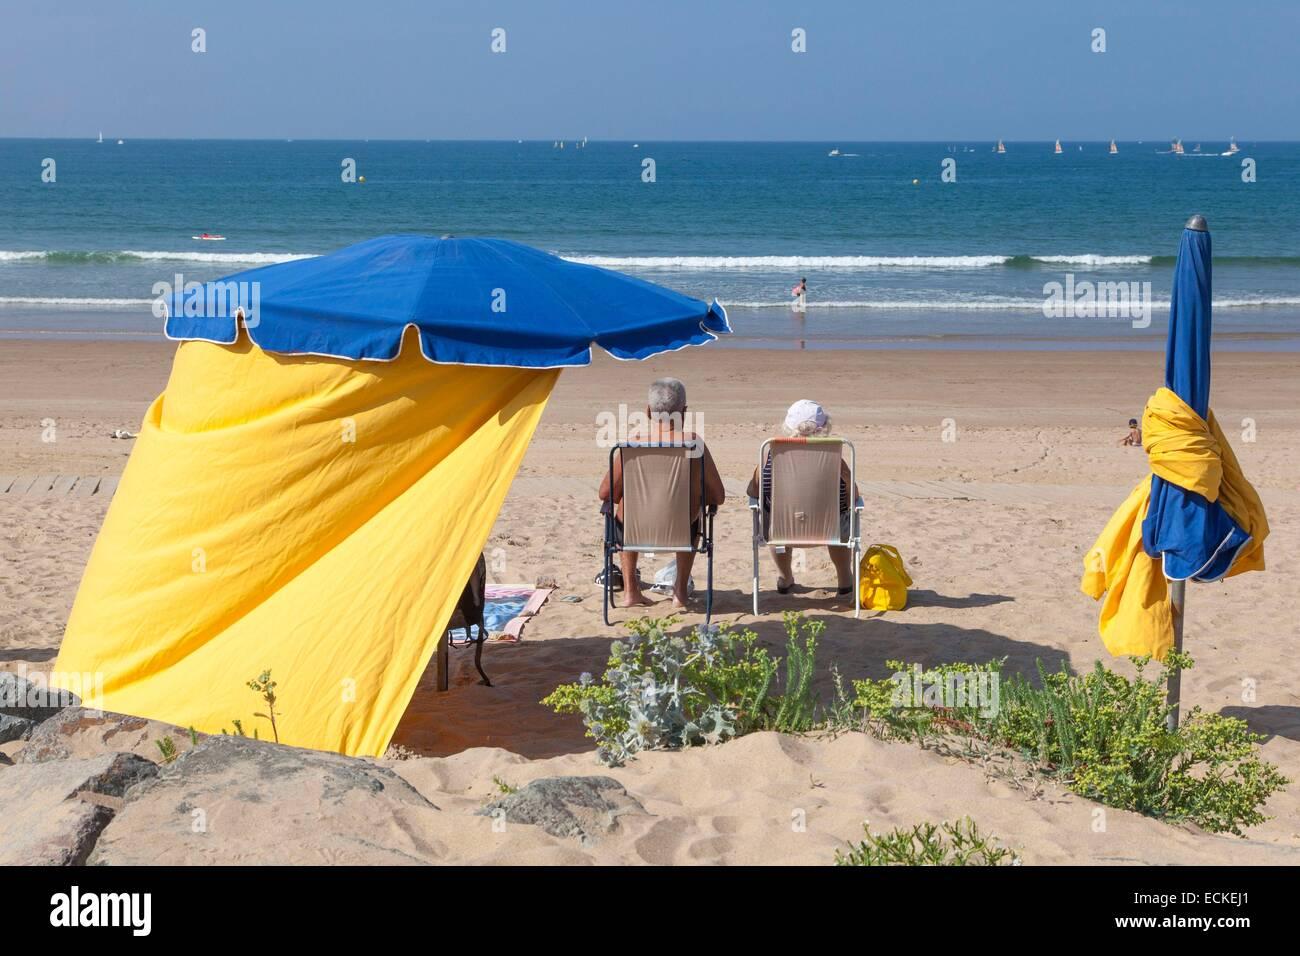 France, Vendee, Saint Gilles Croix de Vie, canvas tents on the main beach - Stock Image